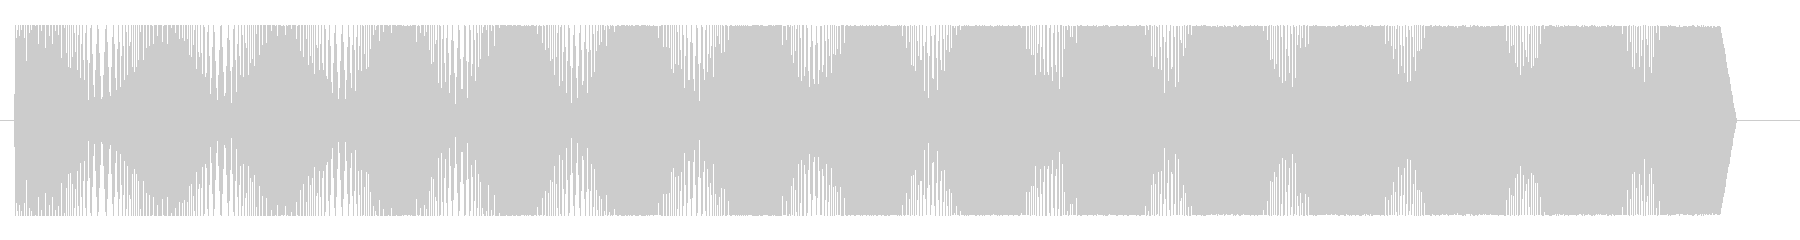 モクモク(コミカル)の未再生の波形